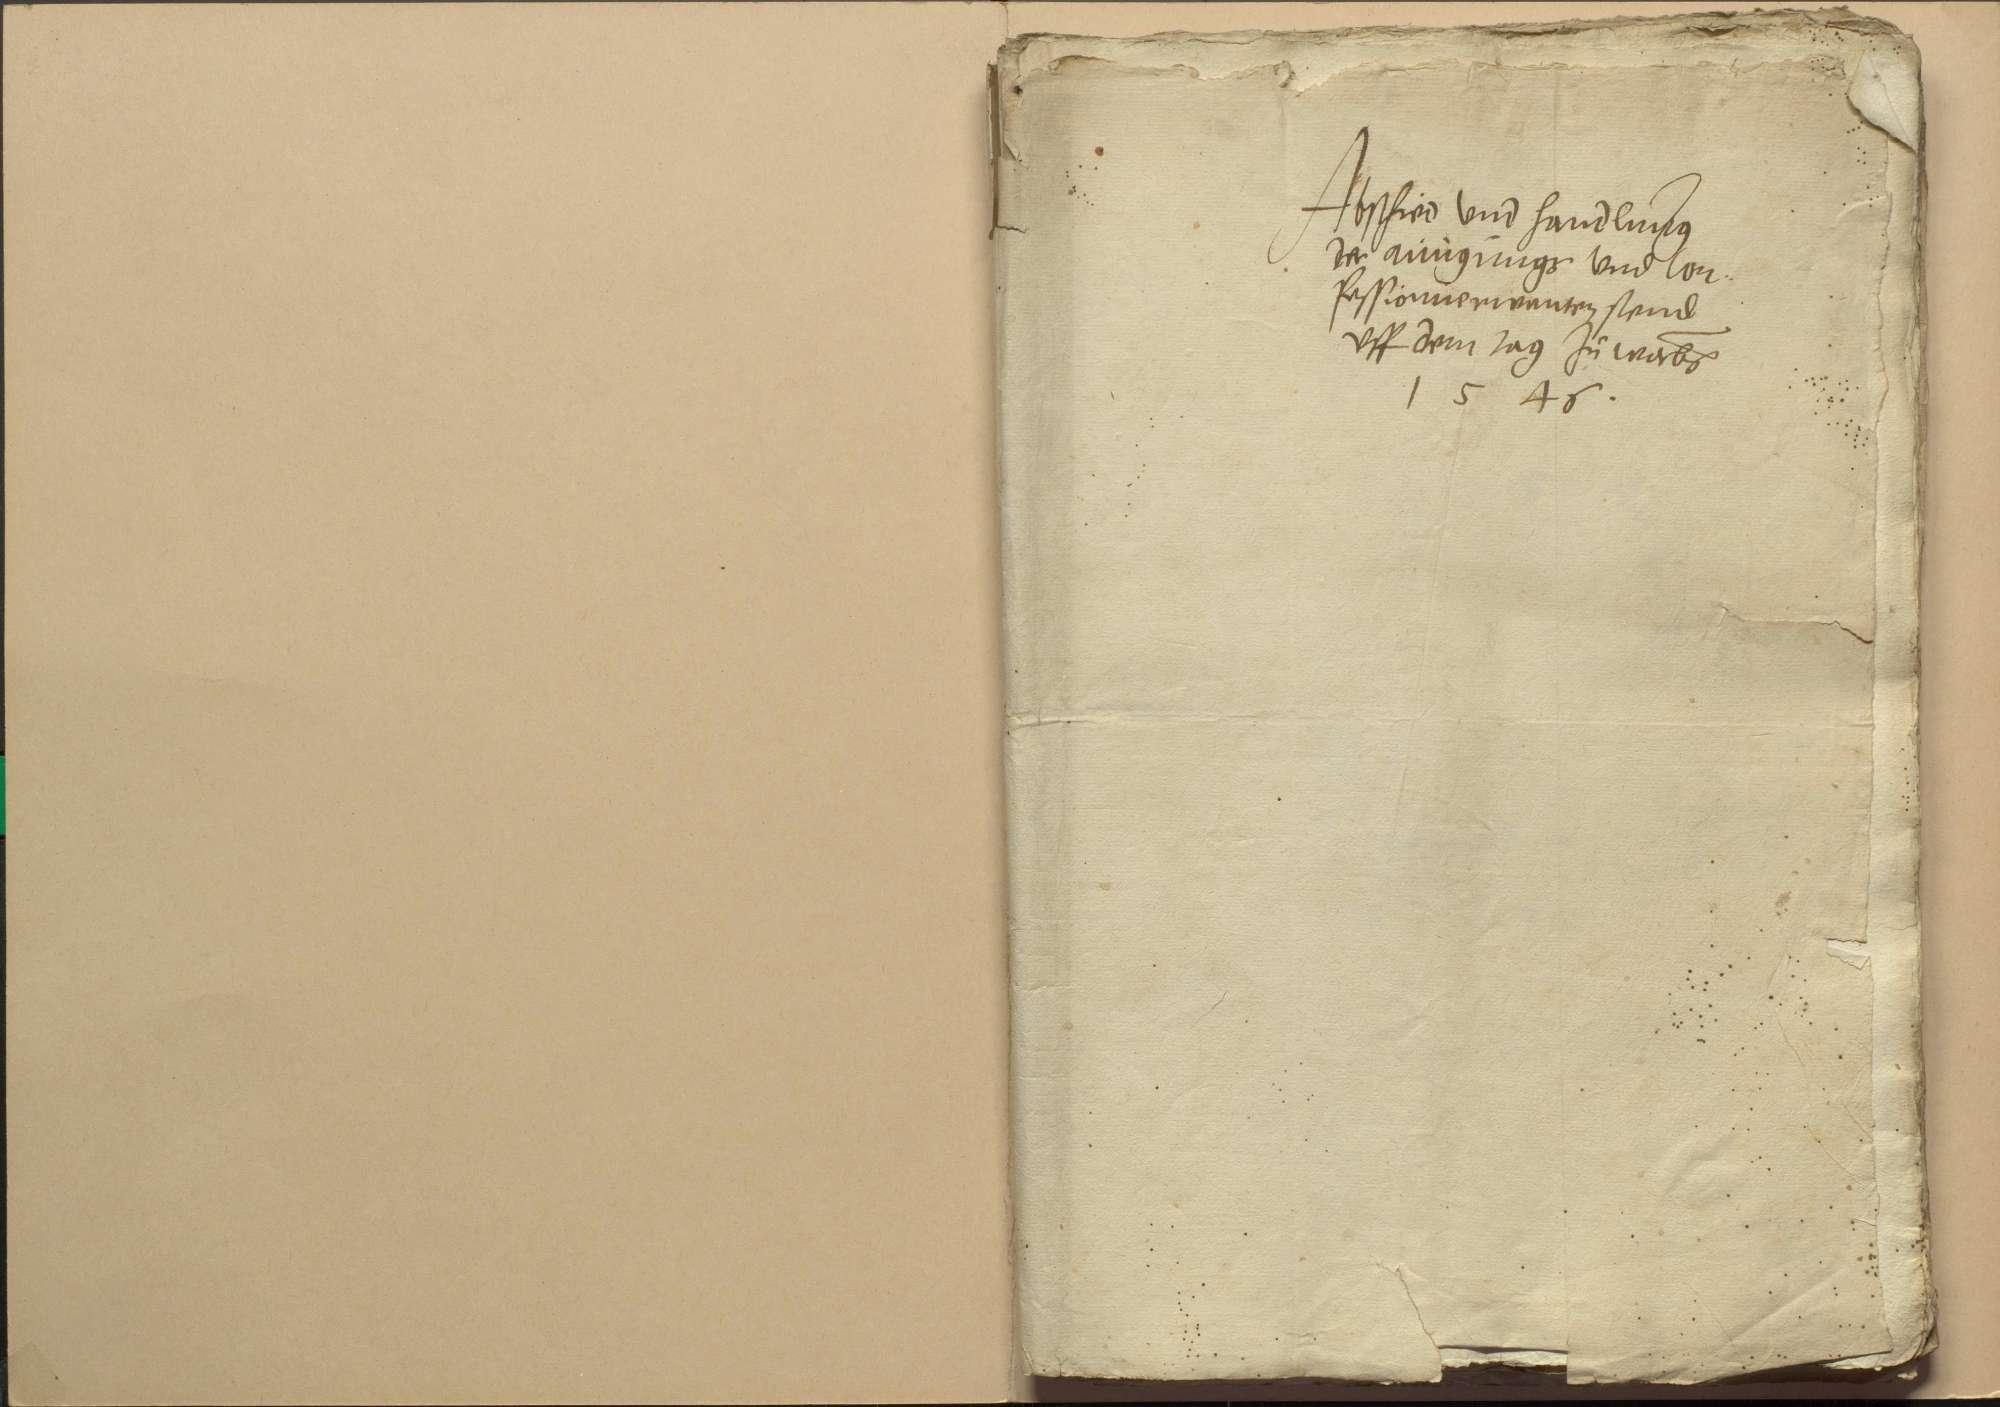 Handlungen und Abschiede der einigungsverwandten Stände auf dem Versammlungstag zu Worms am 1. April 1546, Bild 2